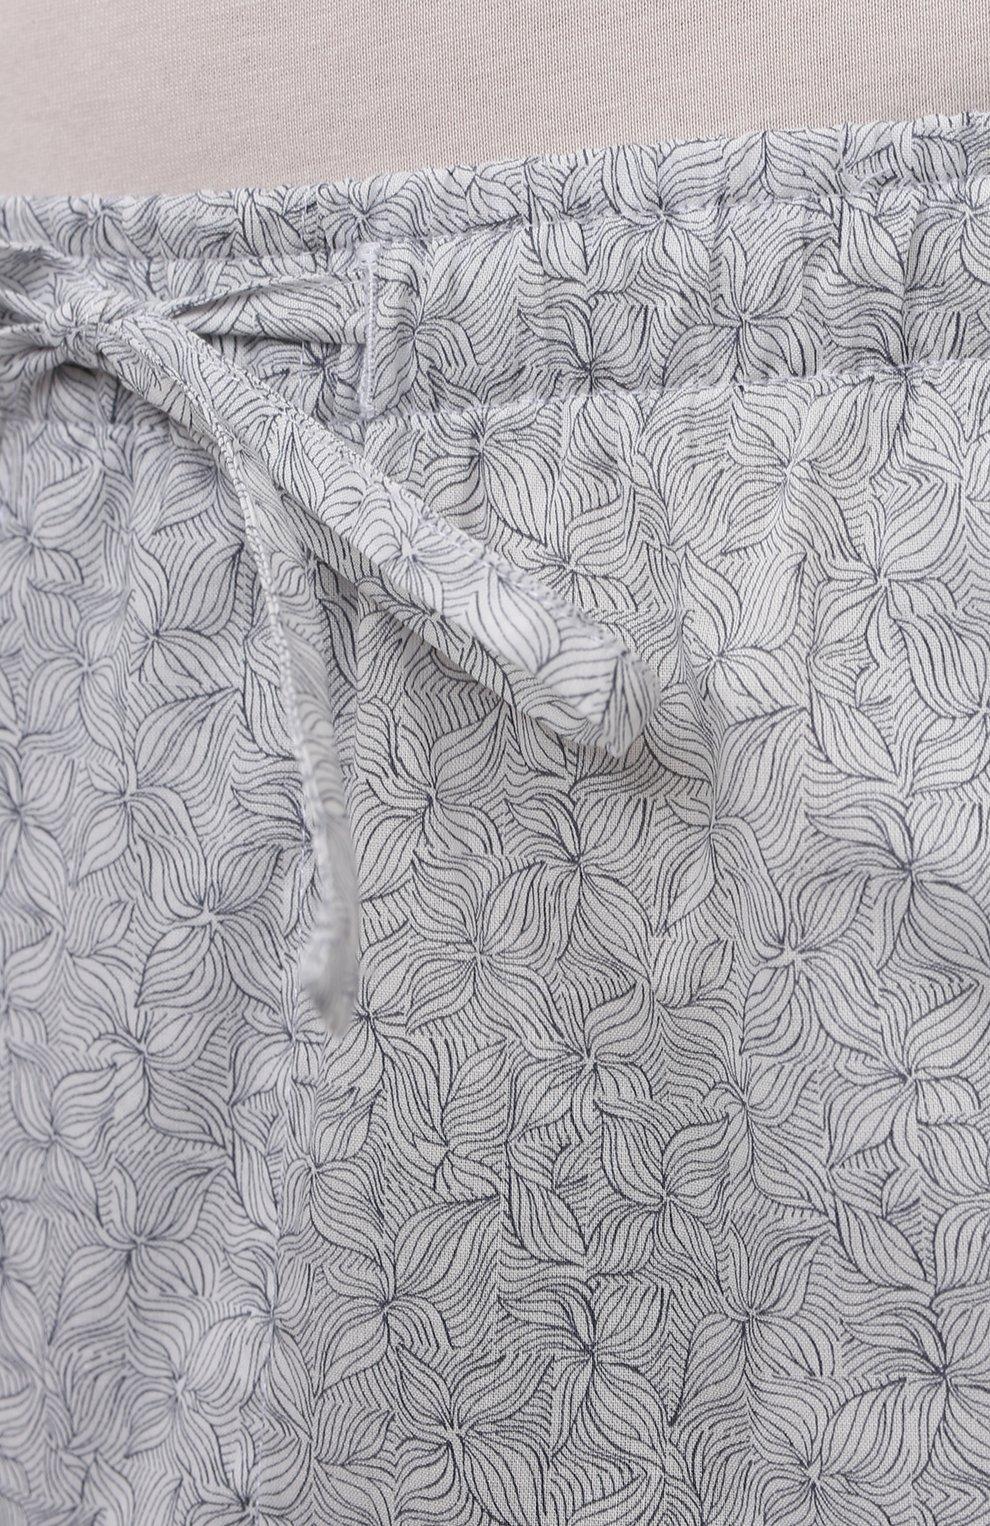 Мужские хлопковые домашние брюки ZIMMERLI светло-серого цвета, арт. 4763-75182 | Фото 5 (Длина (брюки, джинсы): Стандартные; Кросс-КТ: домашняя одежда; Мужское Кросс-КТ: Брюки-белье; Материал внешний: Хлопок)